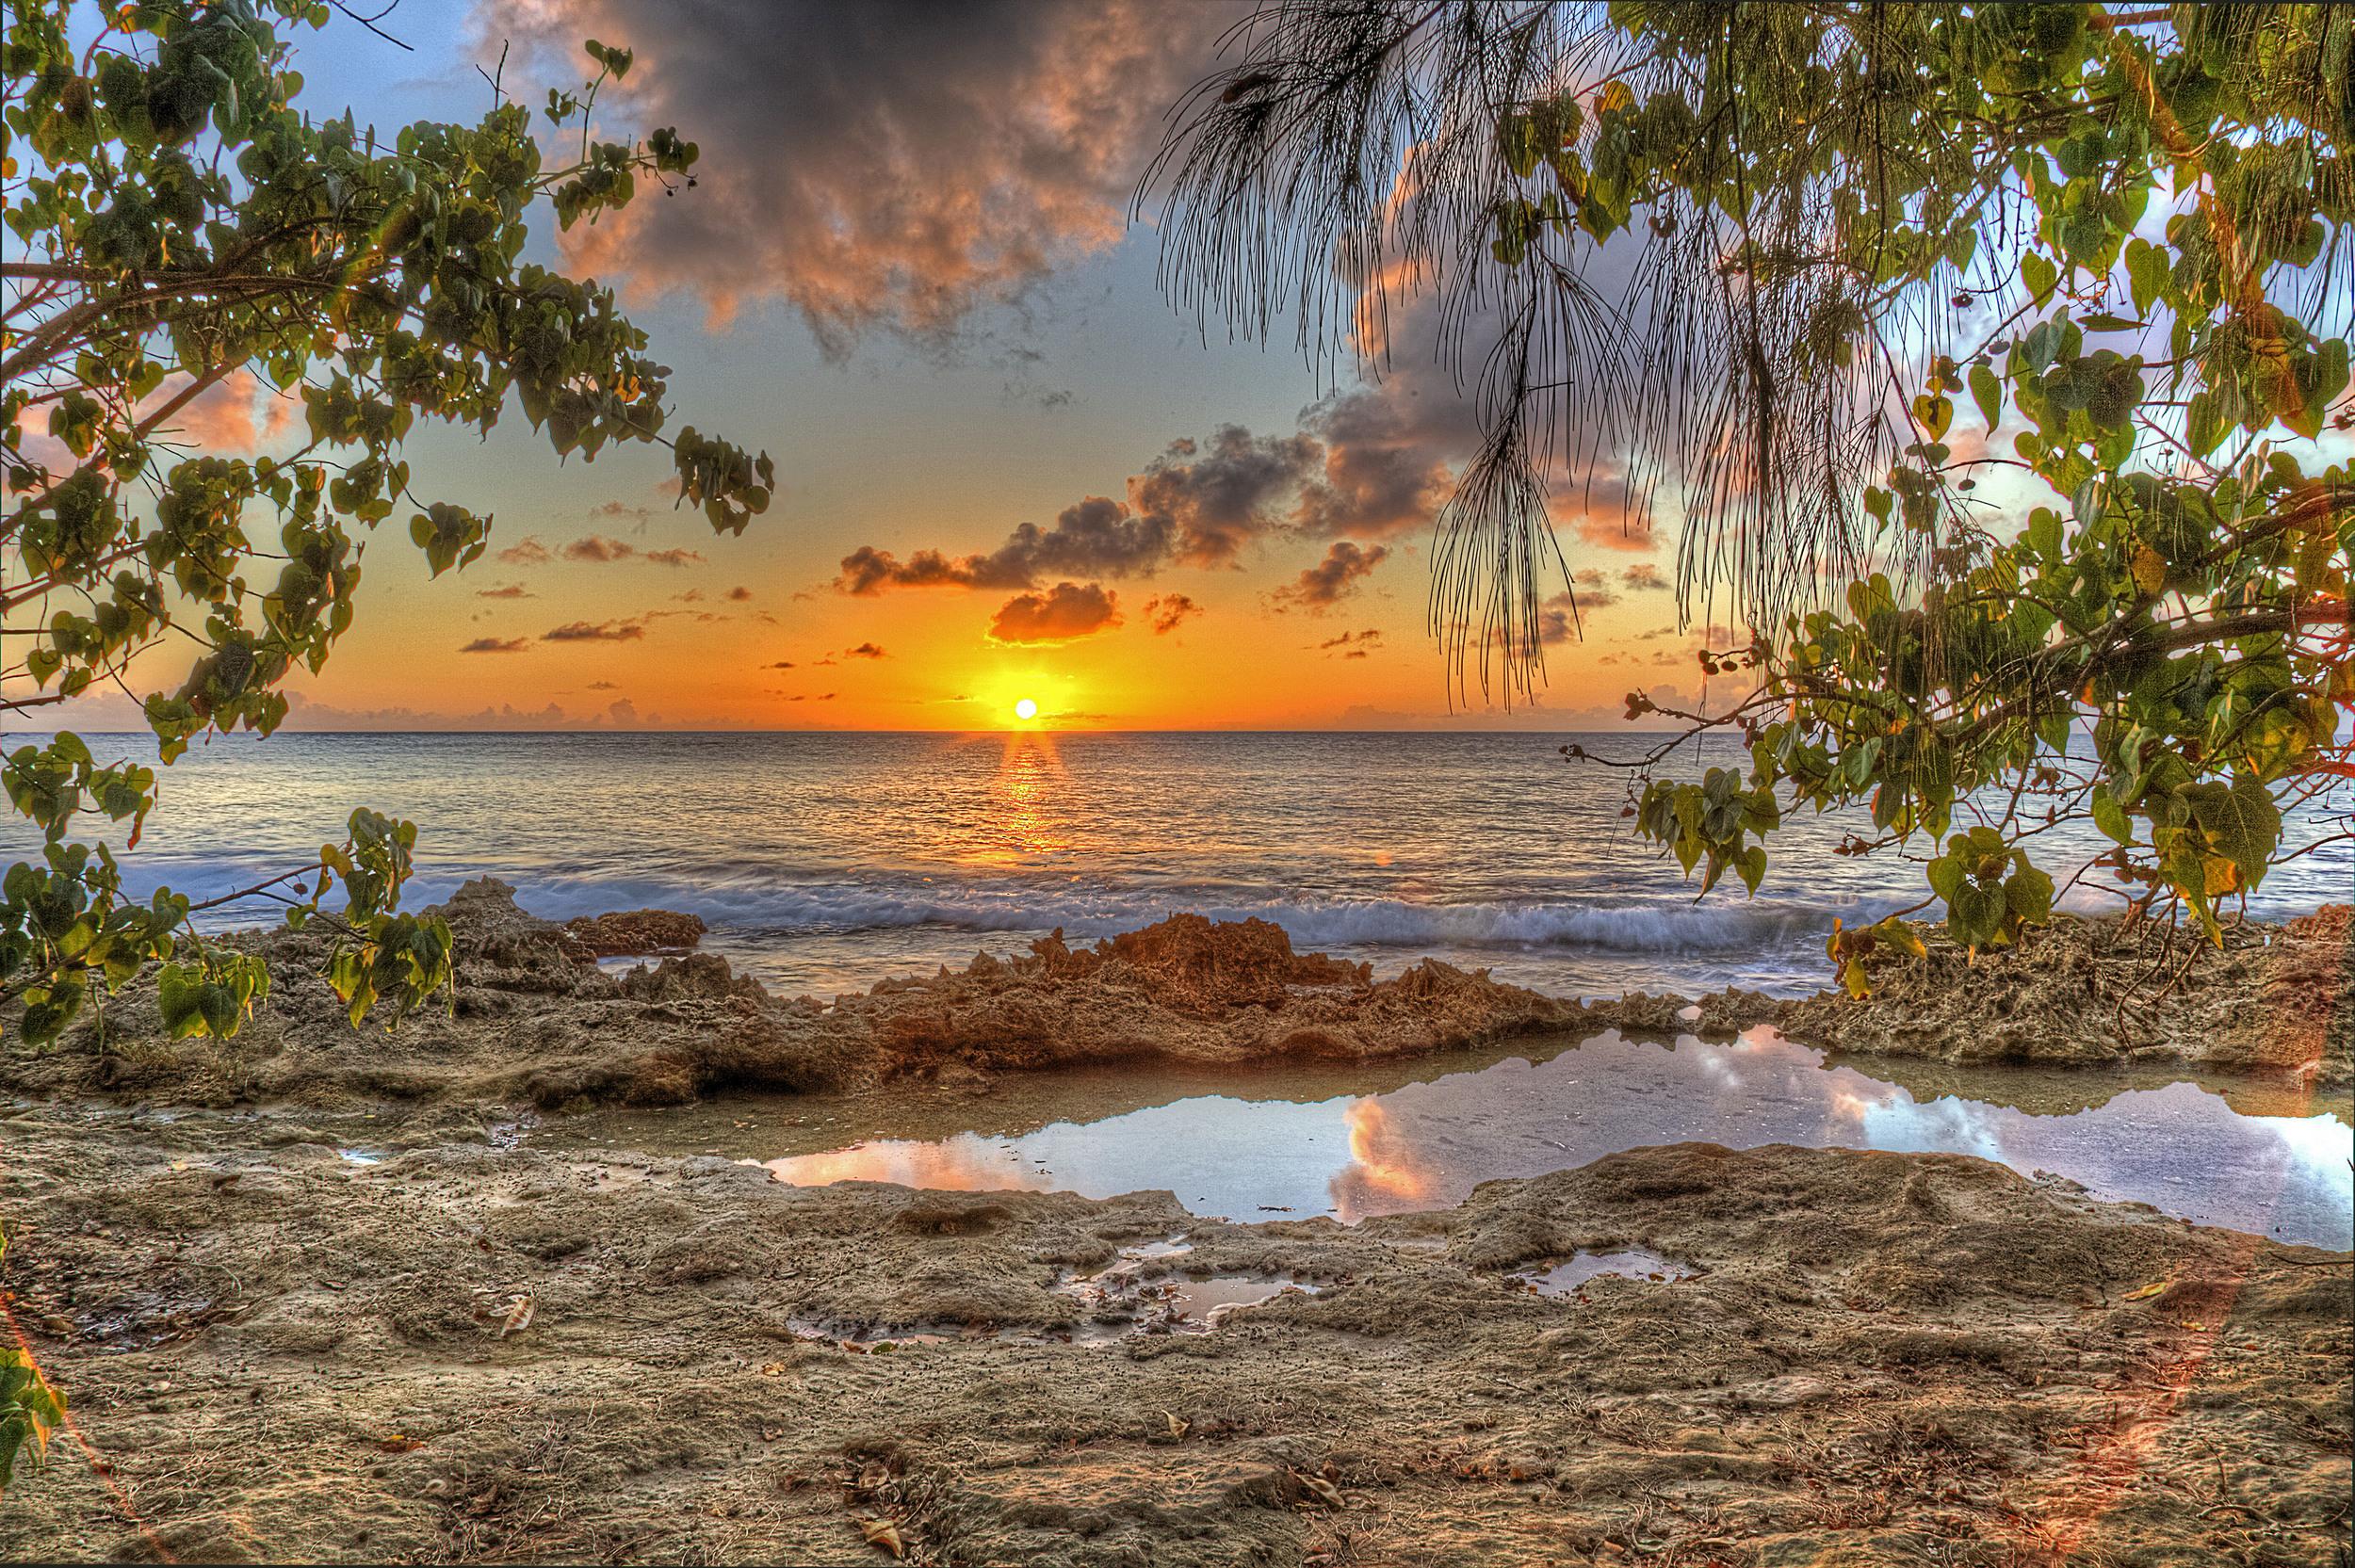 Lens Flare Sunset